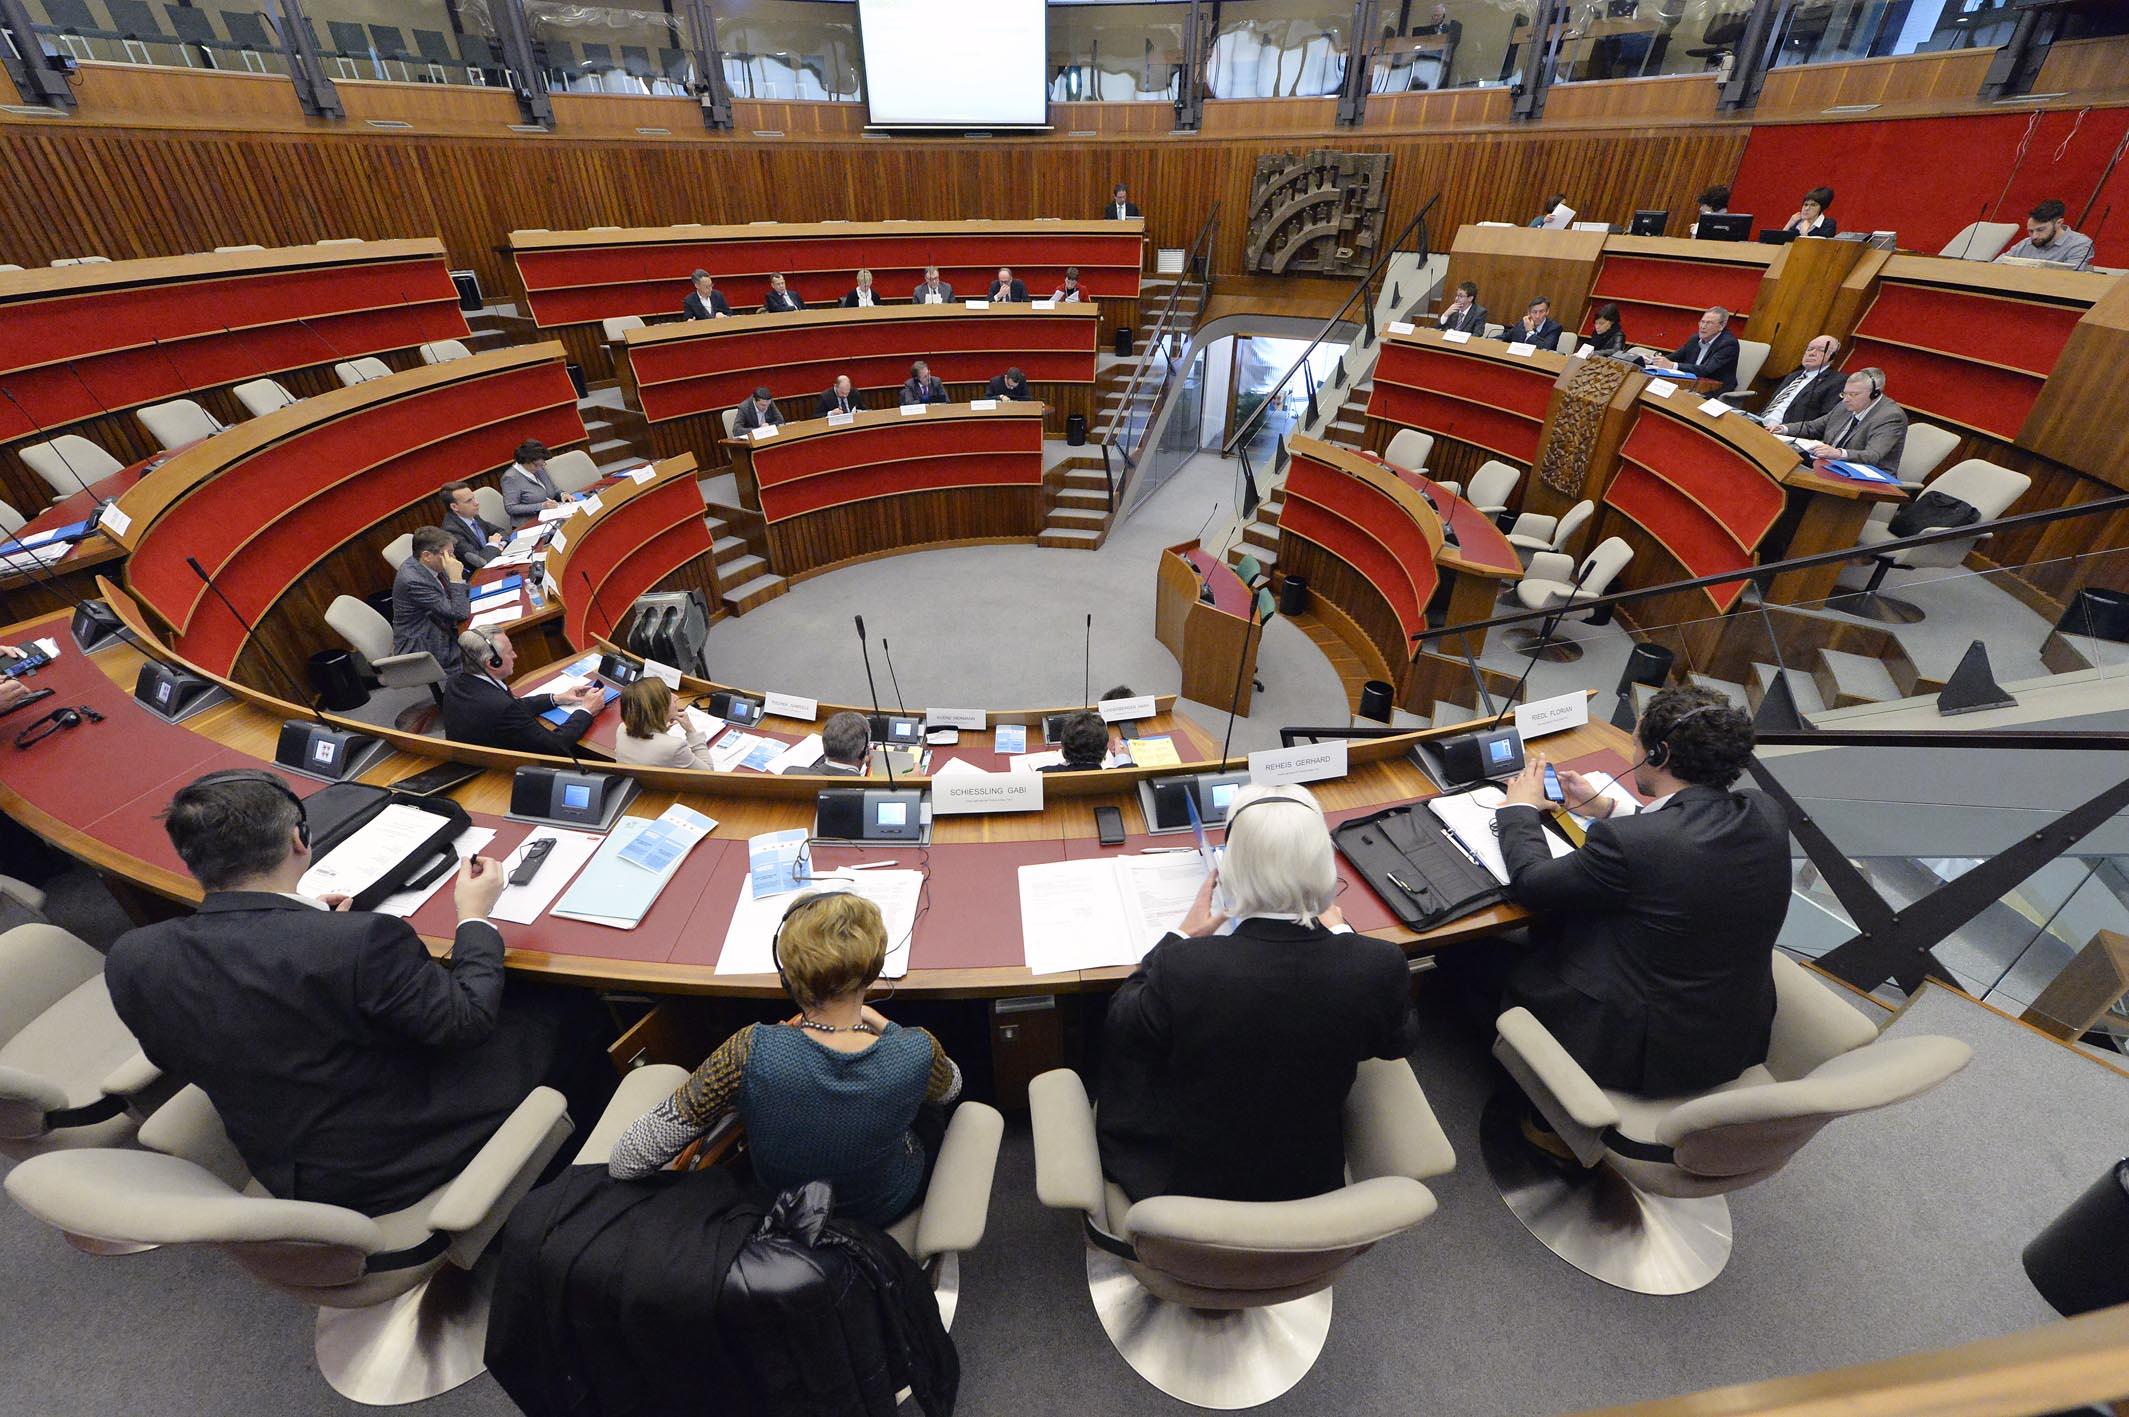 COMMISSIONE INTERREGIONALE DREIER LANDTAG AULA CONSIGLIO / durante i lavori all'interno dell'aula consigliare FOTO DI ALESSIO COSER